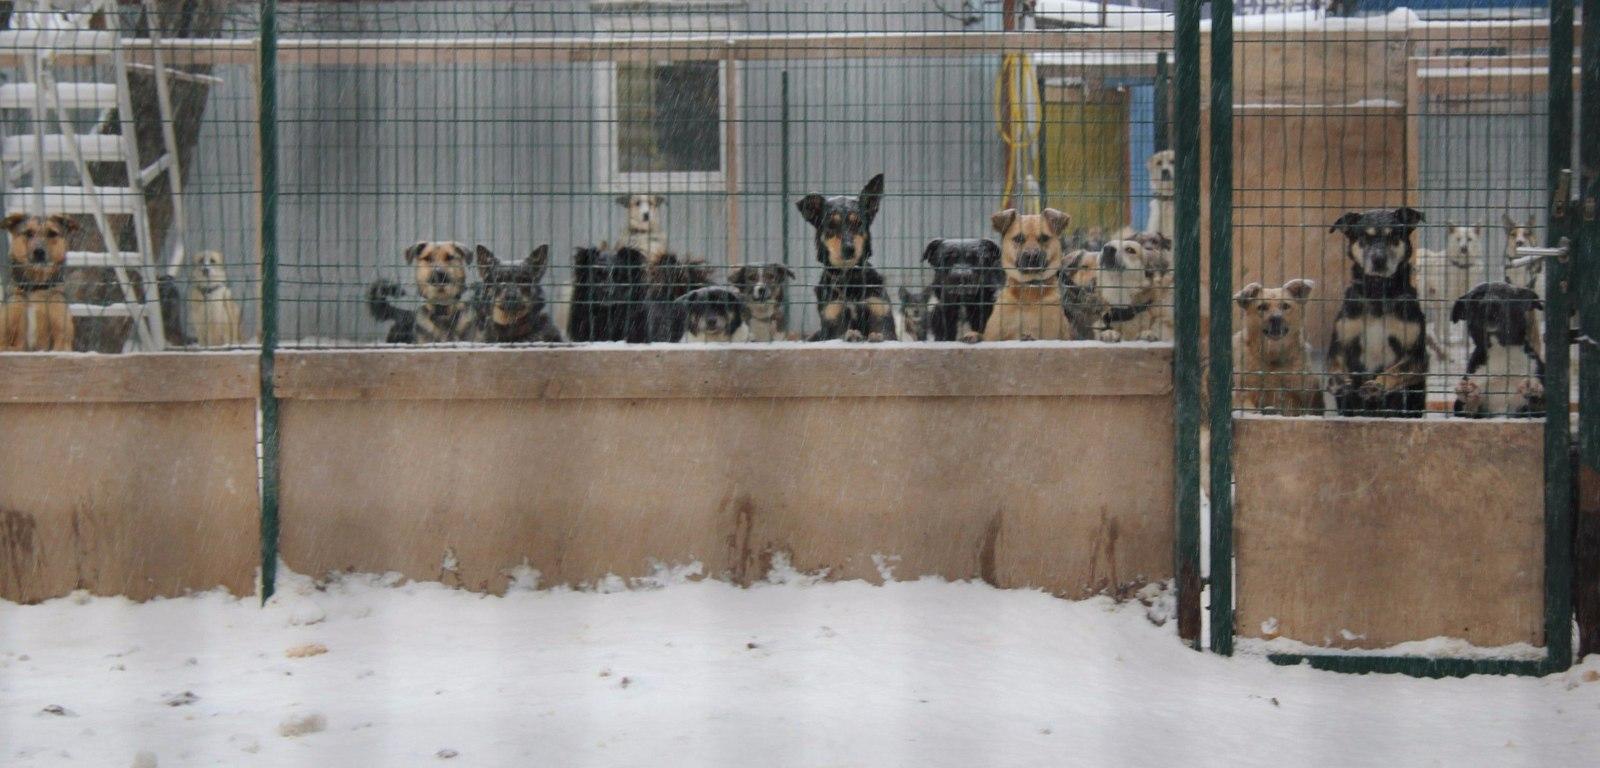 приют для животных некоммерческая организация